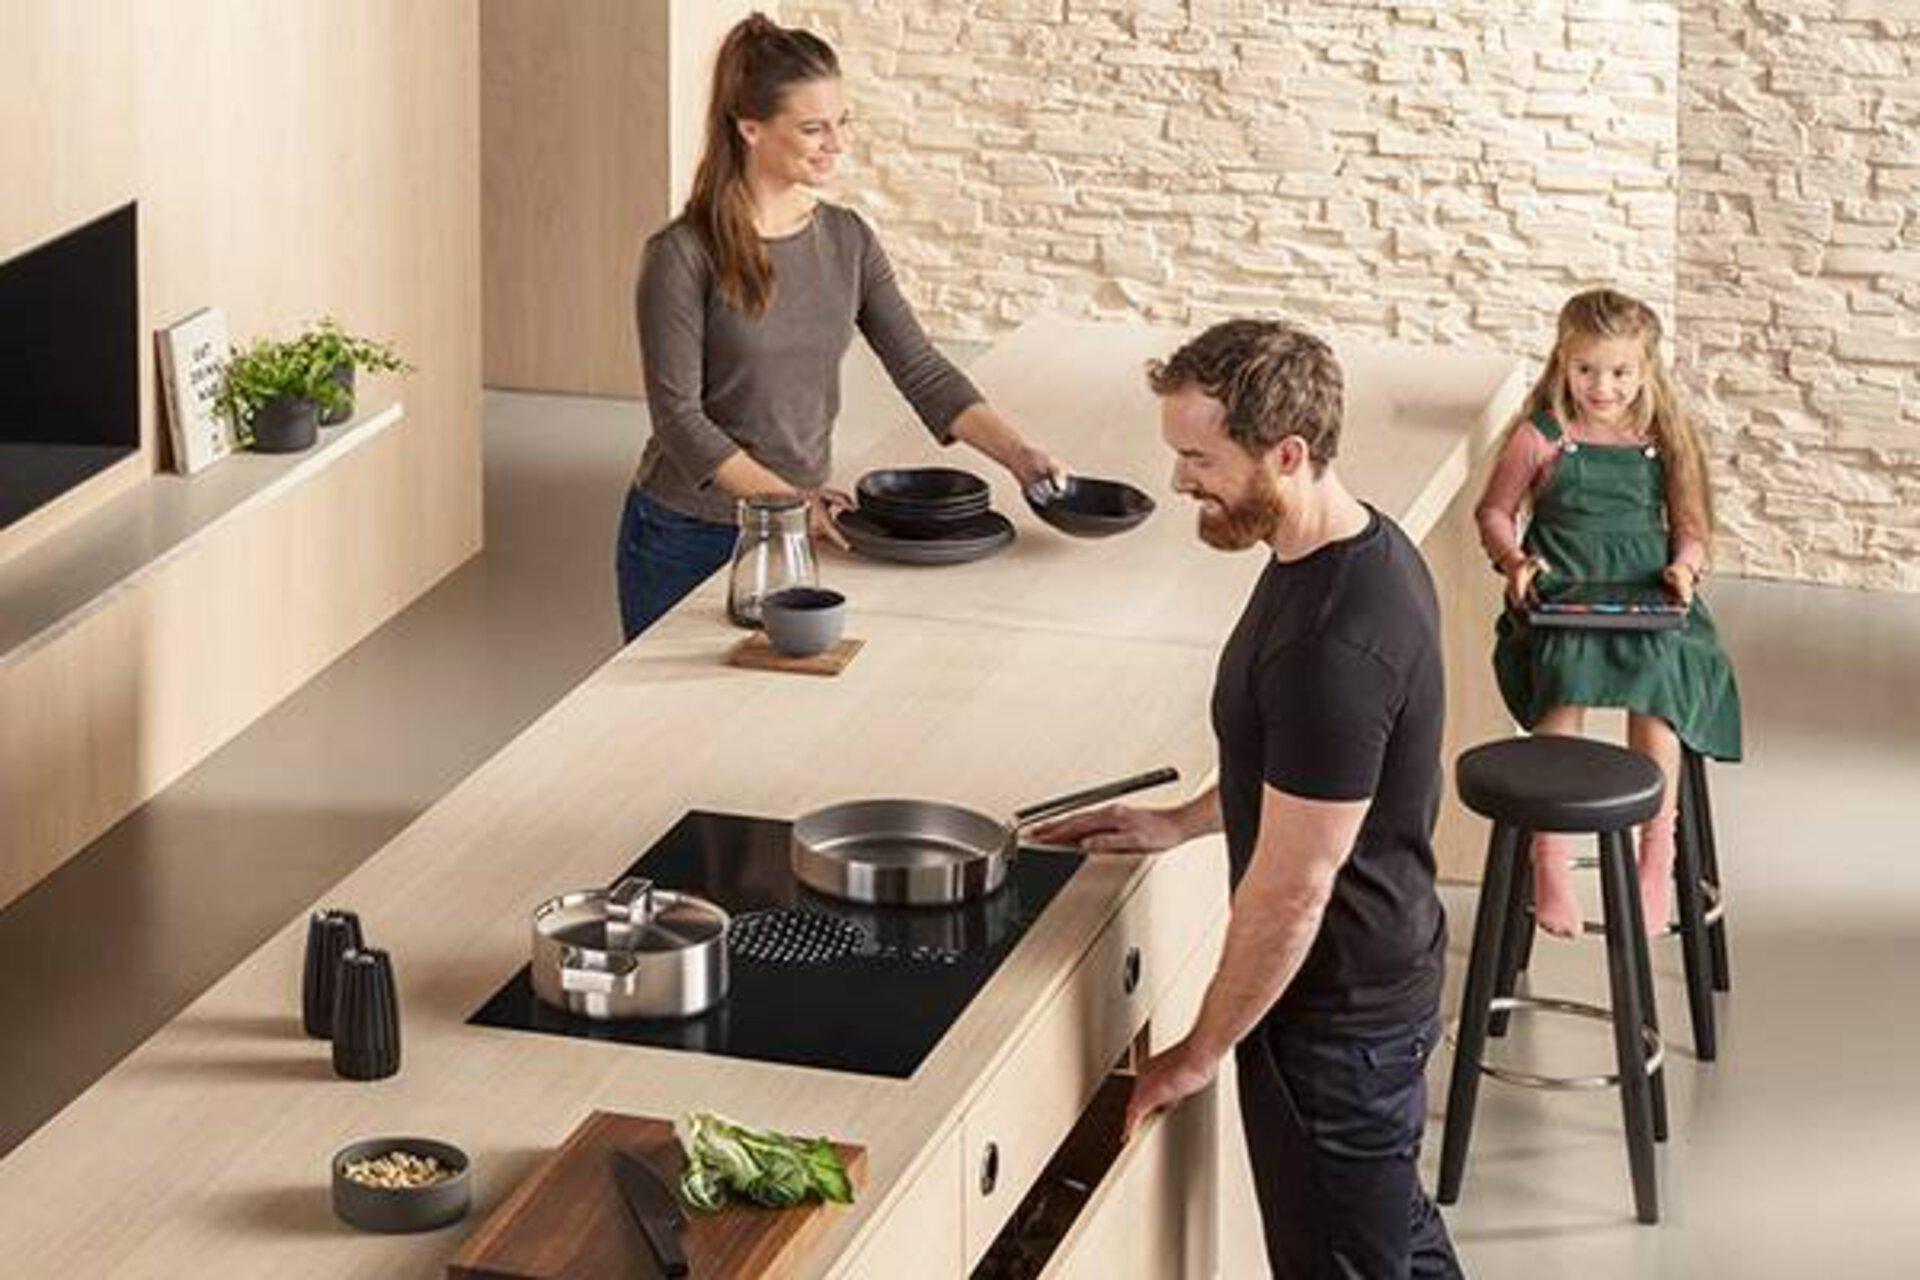 Kategoriebild zu Arbeitsplatten in der Küche. Zu sehen ist eine lange Kücheninsel aus hochwertigem hellen Massivholz.